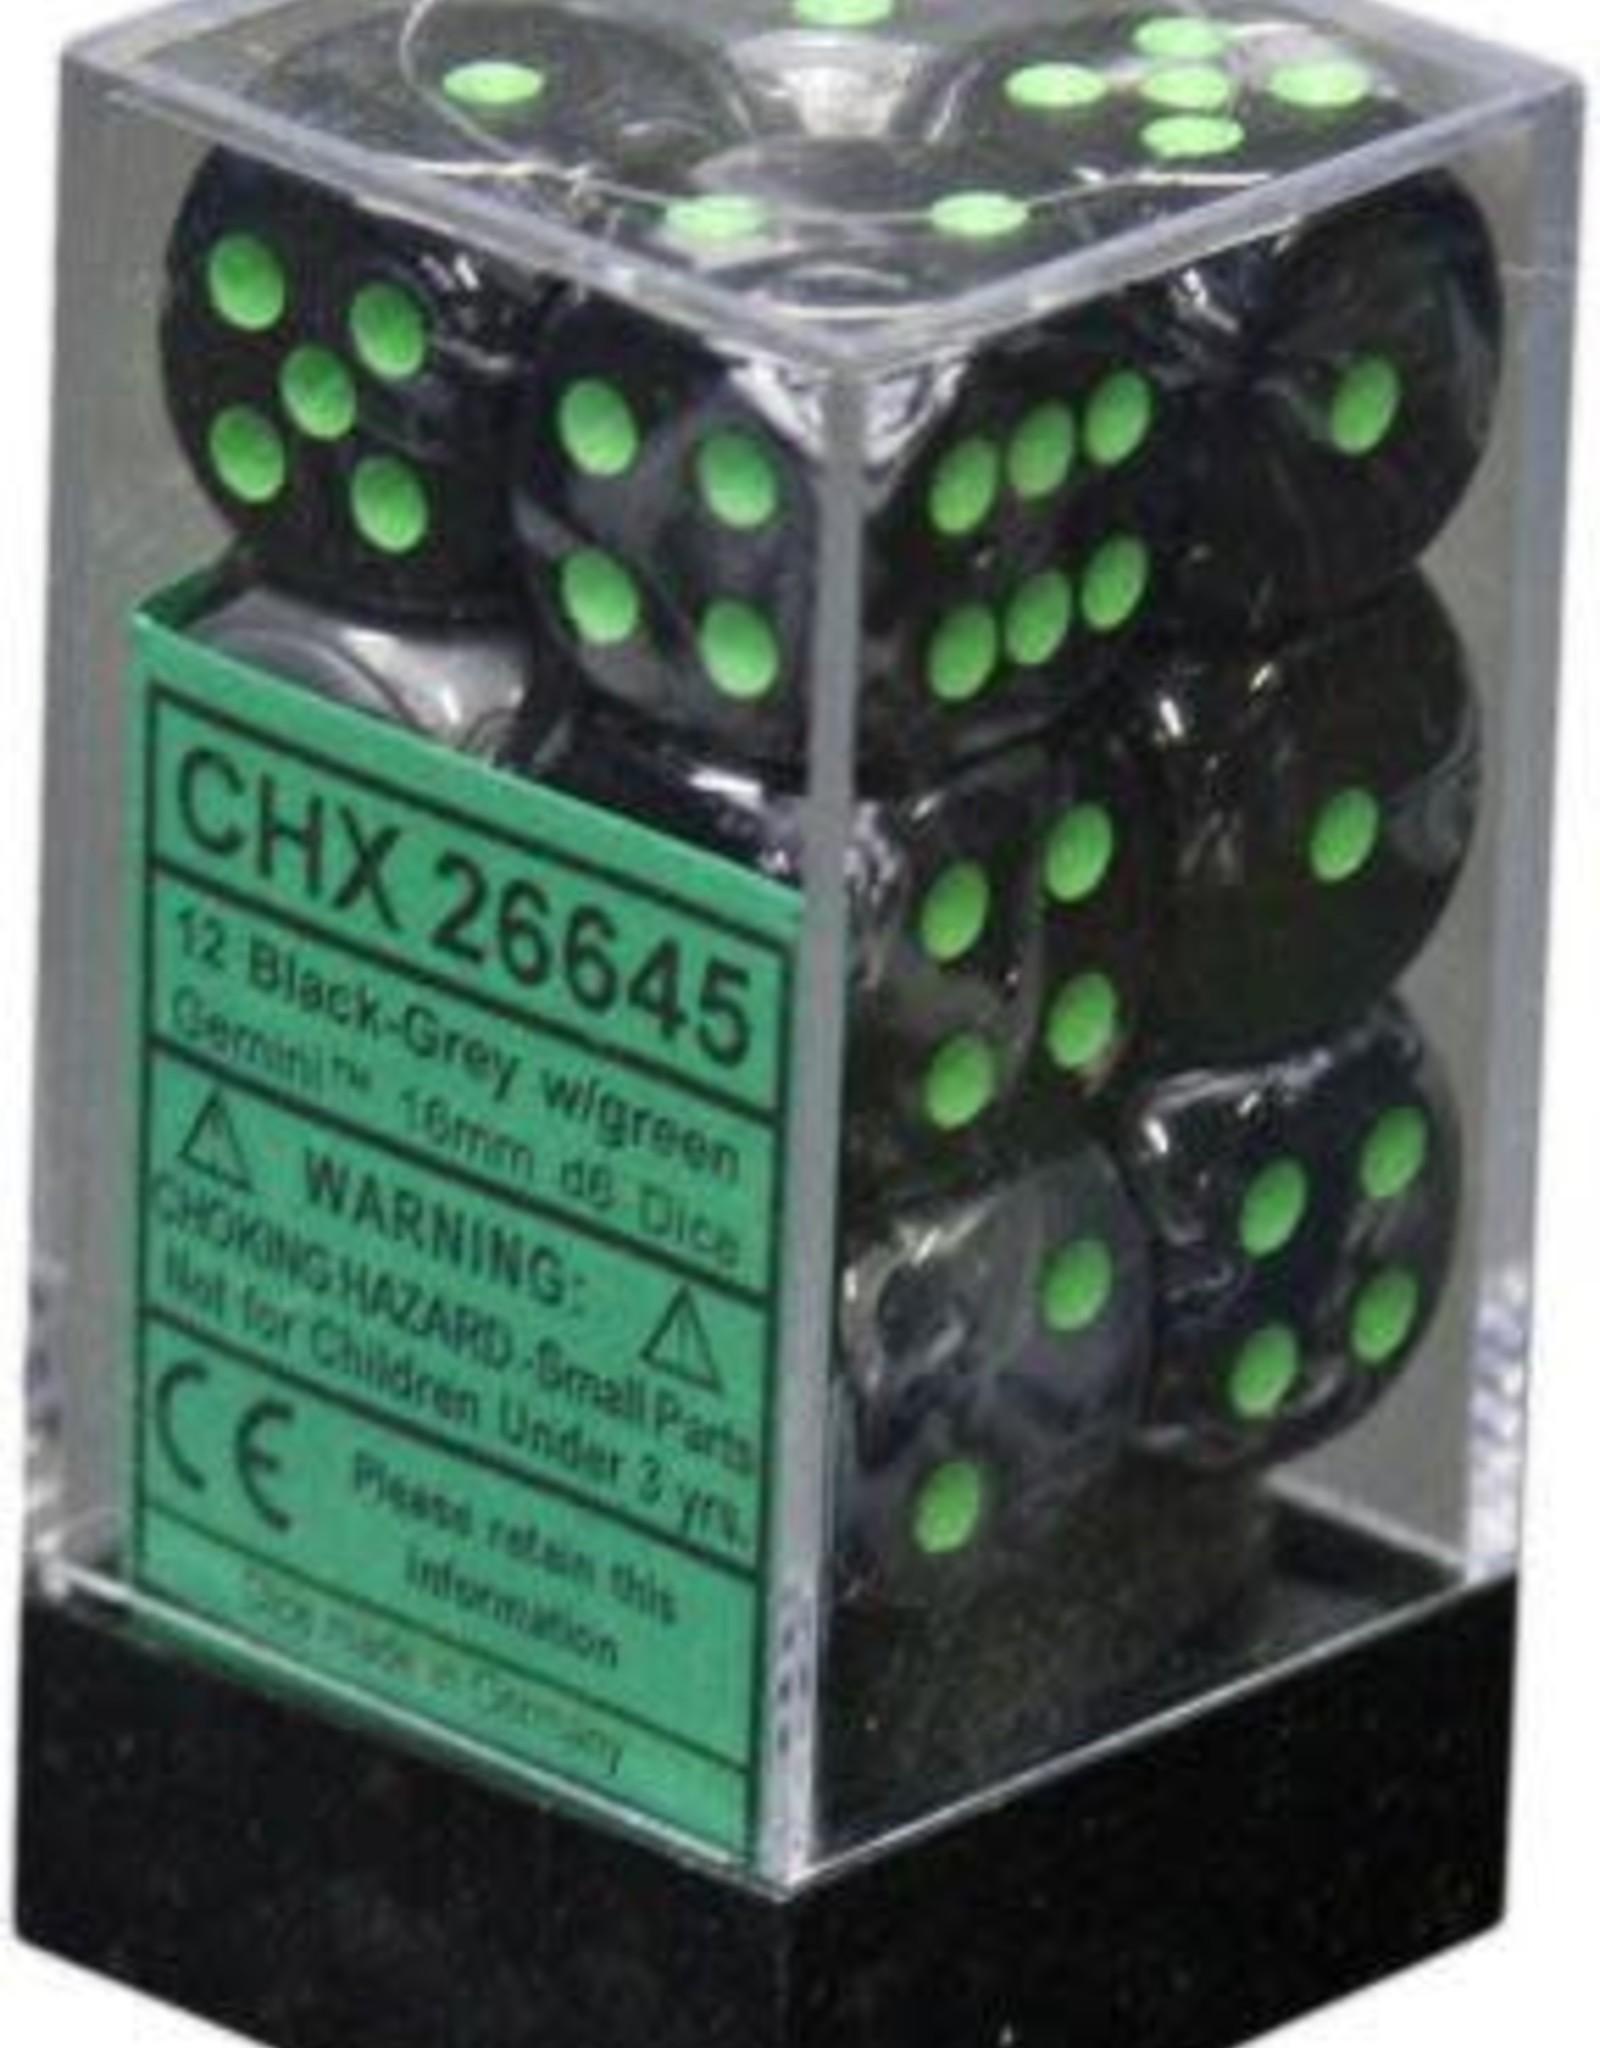 Chessex 12 Black-Grey w/green Gemini 16mm D6 Dice Block - CHX26645